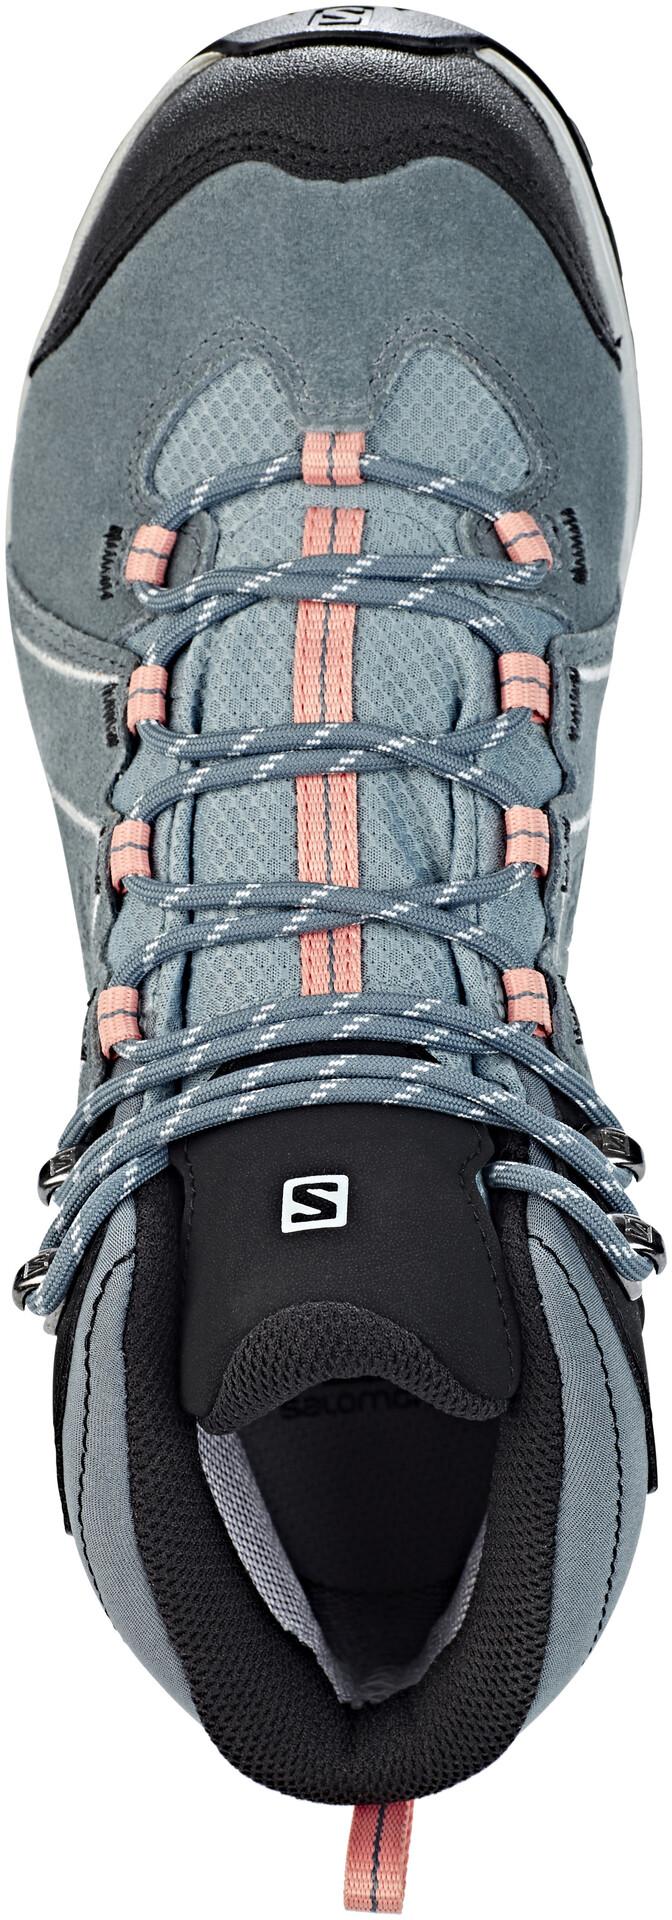 Salomon W's Ellipse 2 Mid LTR GTX Shoes Lead/Stormy Weather/Coral Weather/Coral Weather/Coral Almond 833572